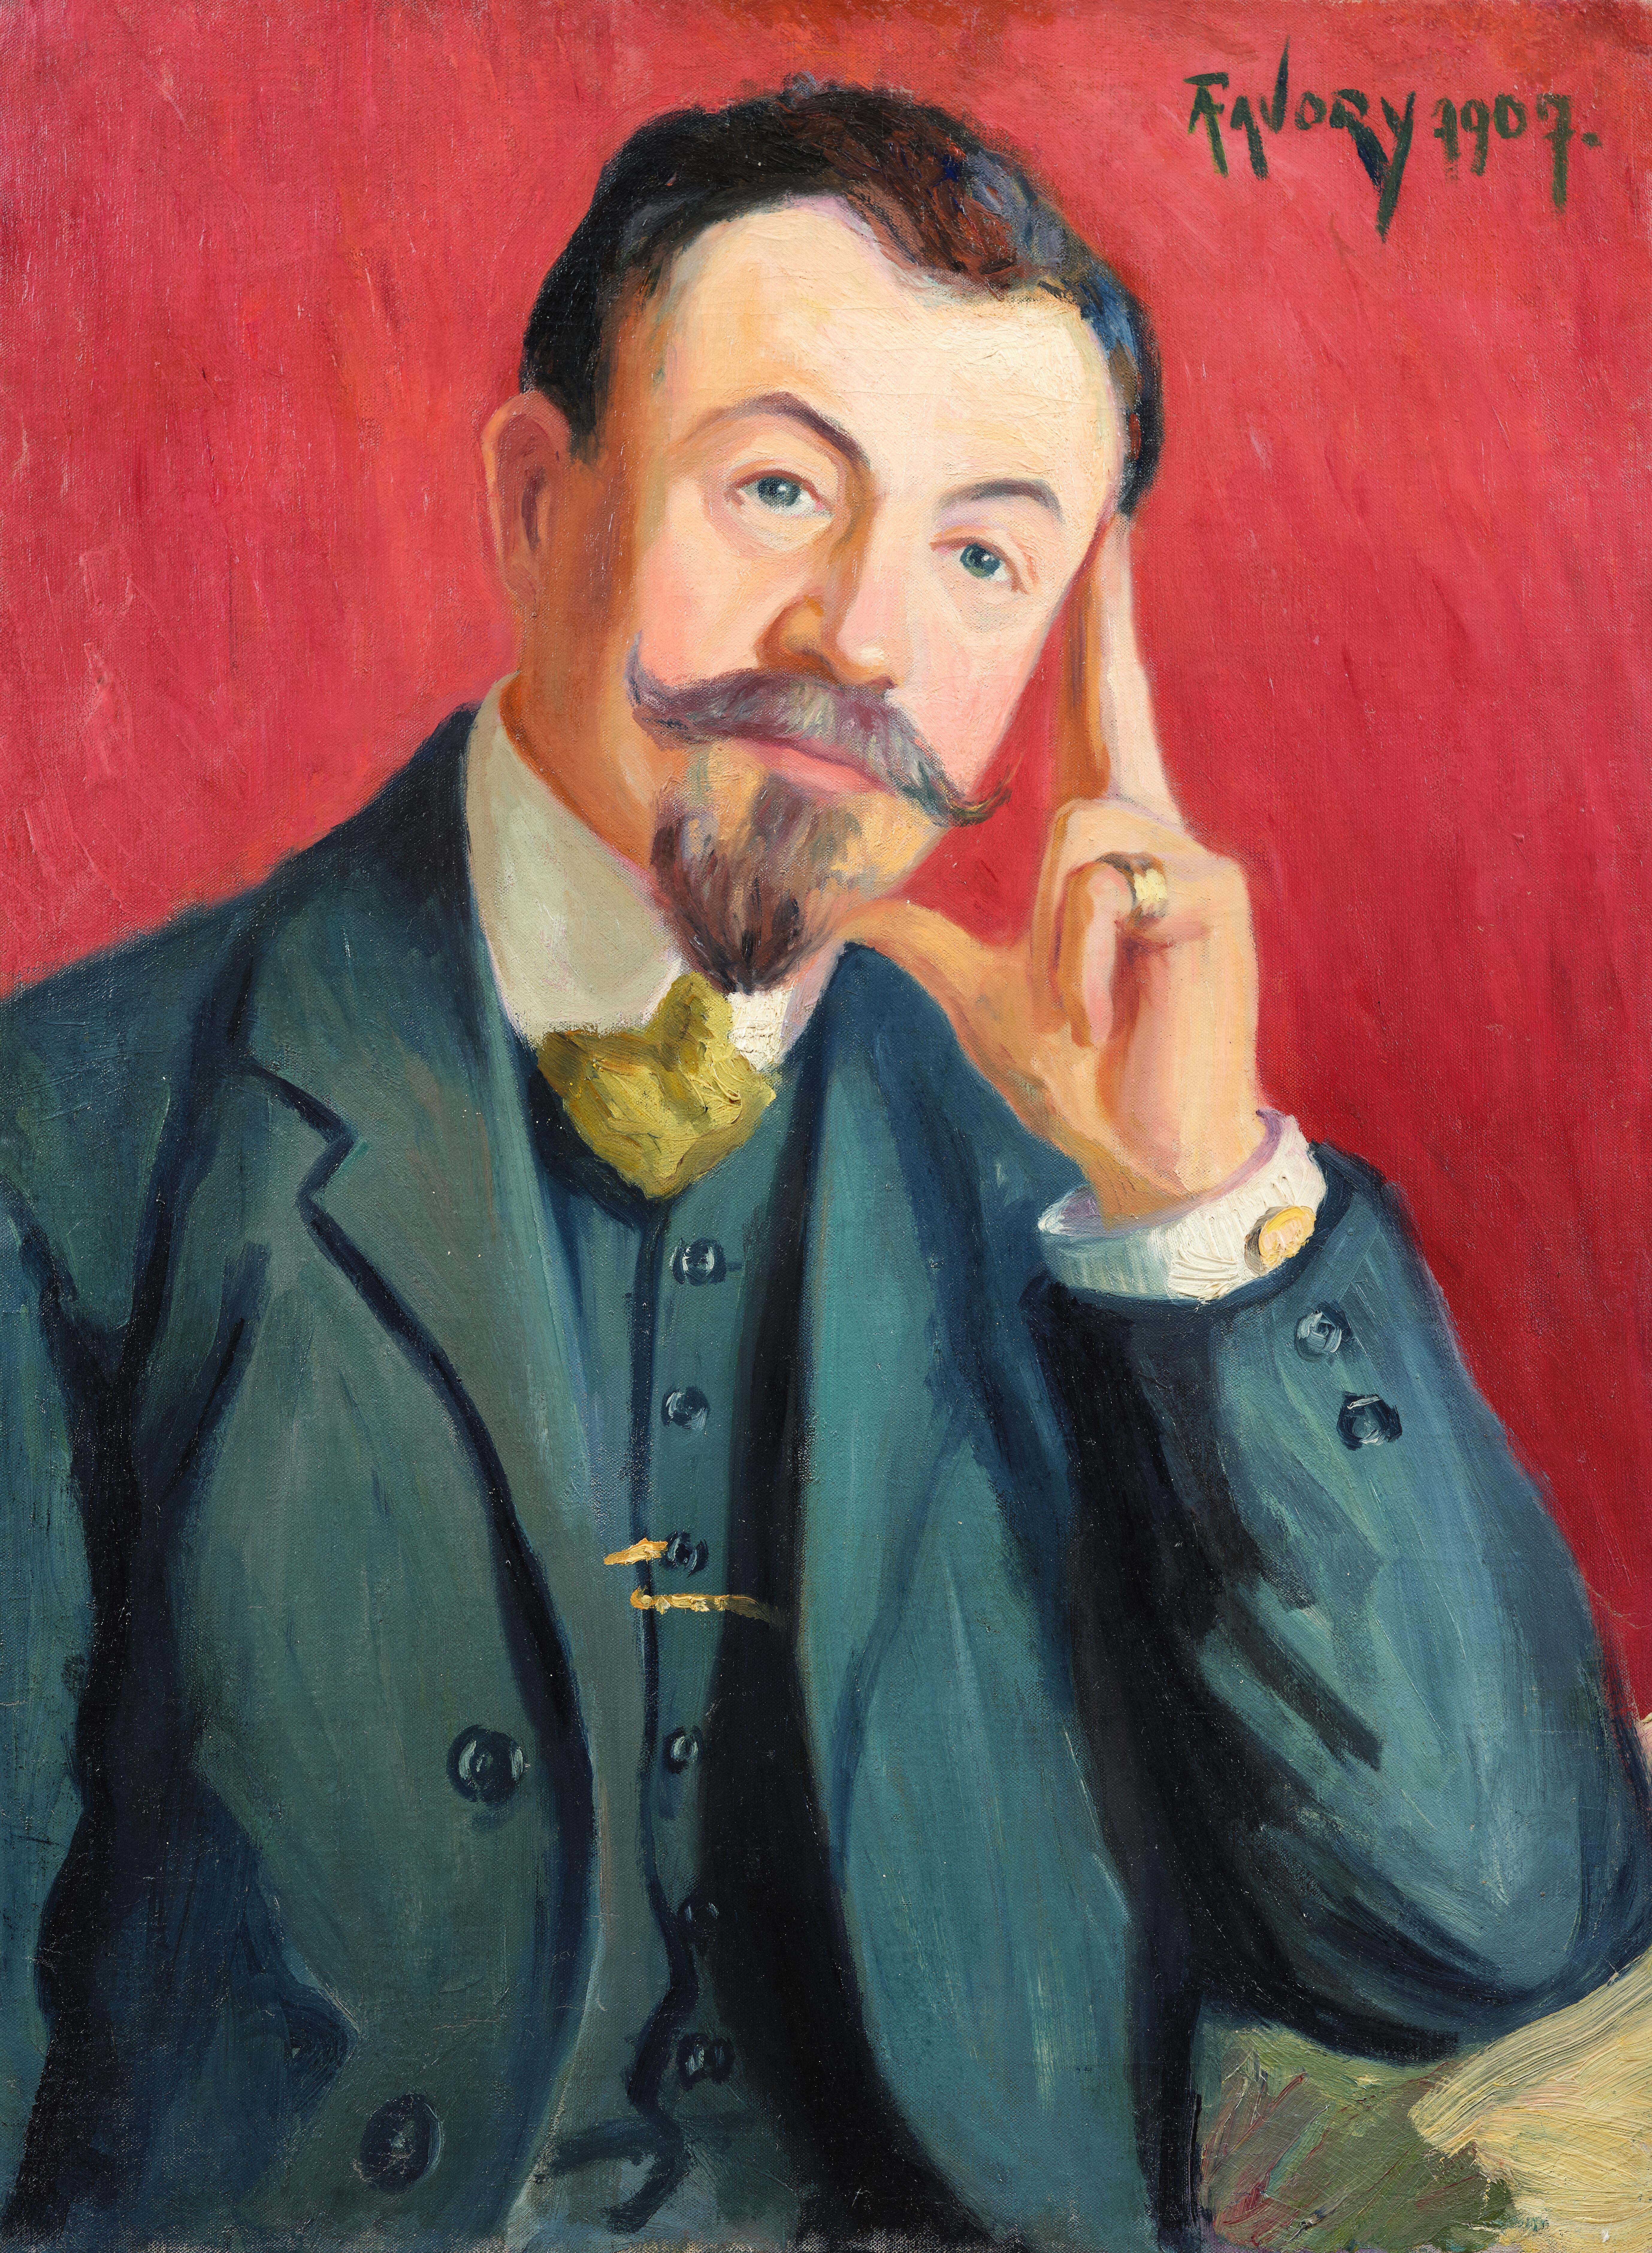 Monsieur Alfred Antoine Favory, père de l'artiste - tableau de André Favory, vendu par la galerie Marek & Sons